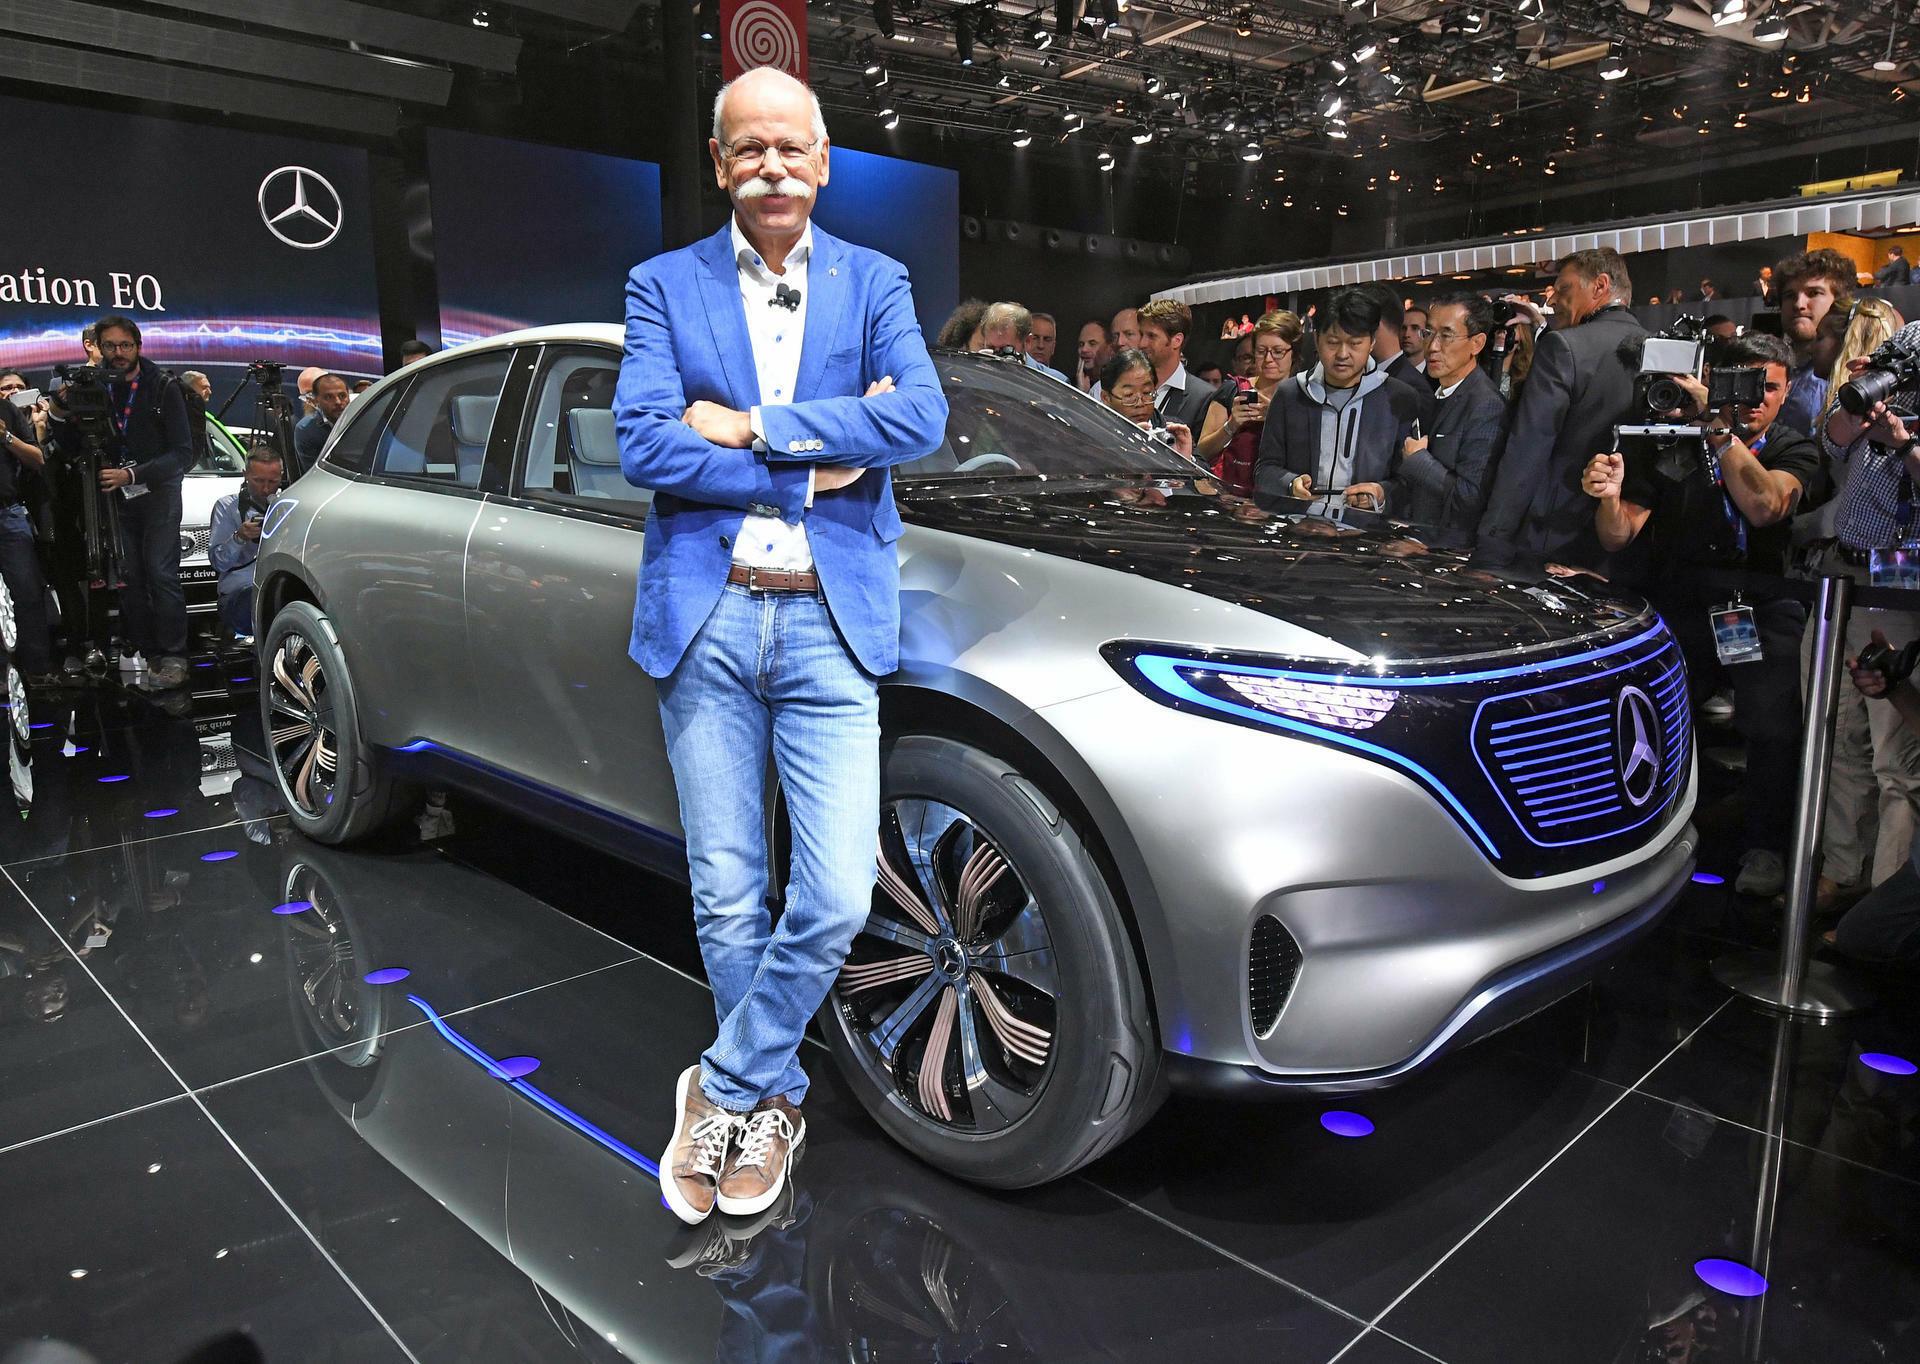 Auto-Produktion: Wo kommen die Elektroautos her?